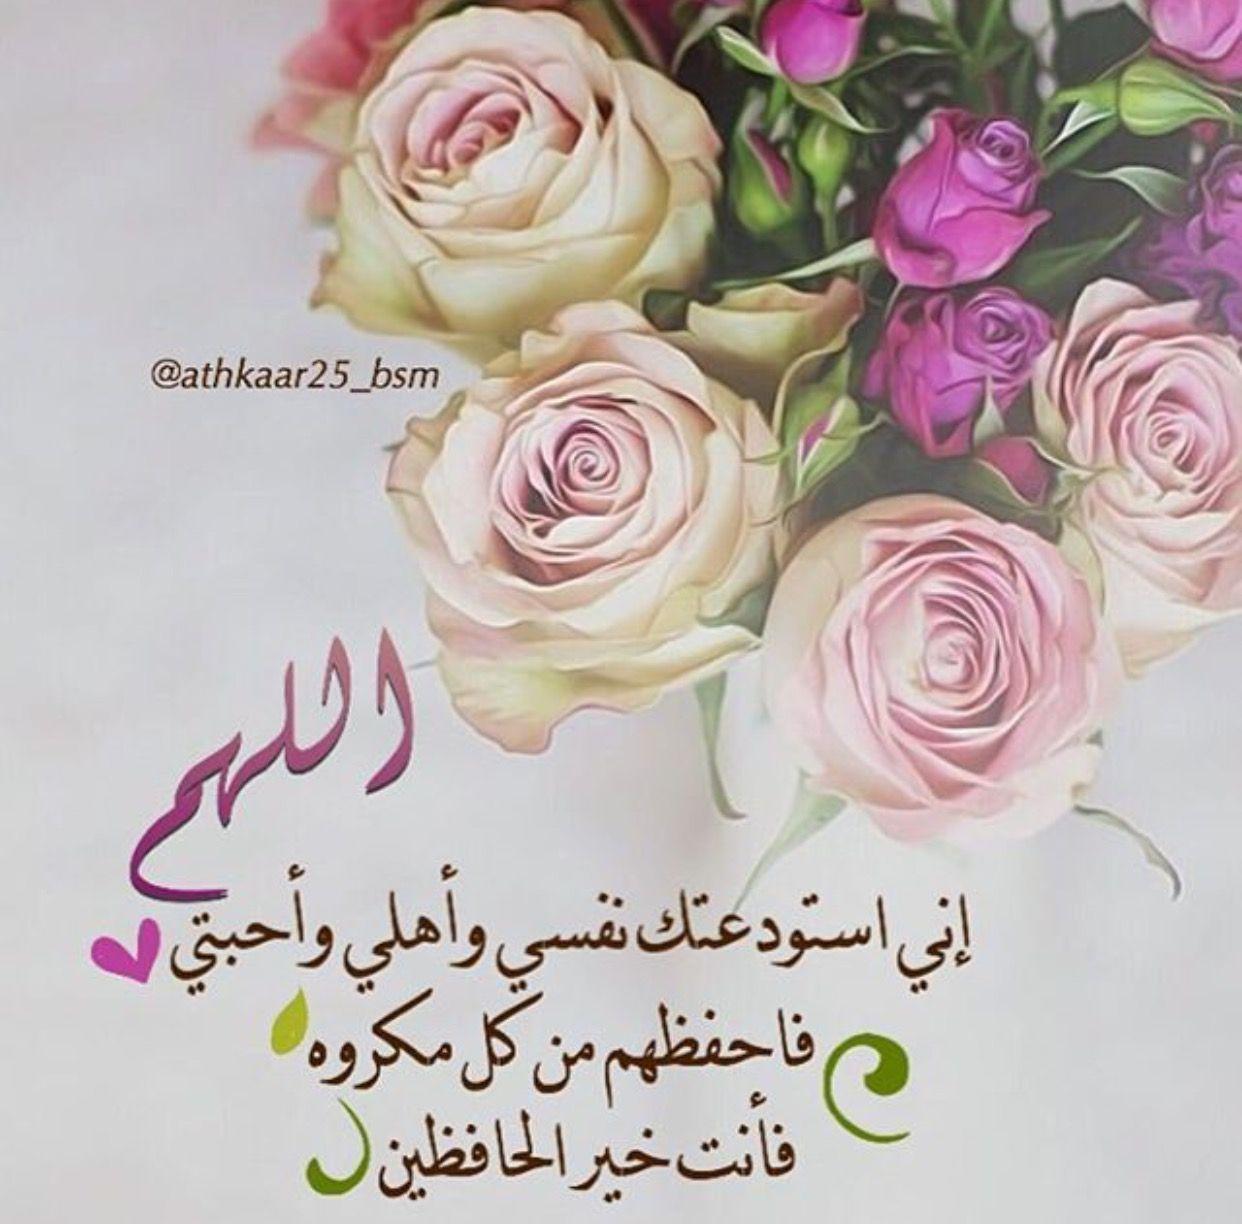 احفظي وعائلتي من كل مكره ياالله Islamic Quotes Sake Reminder